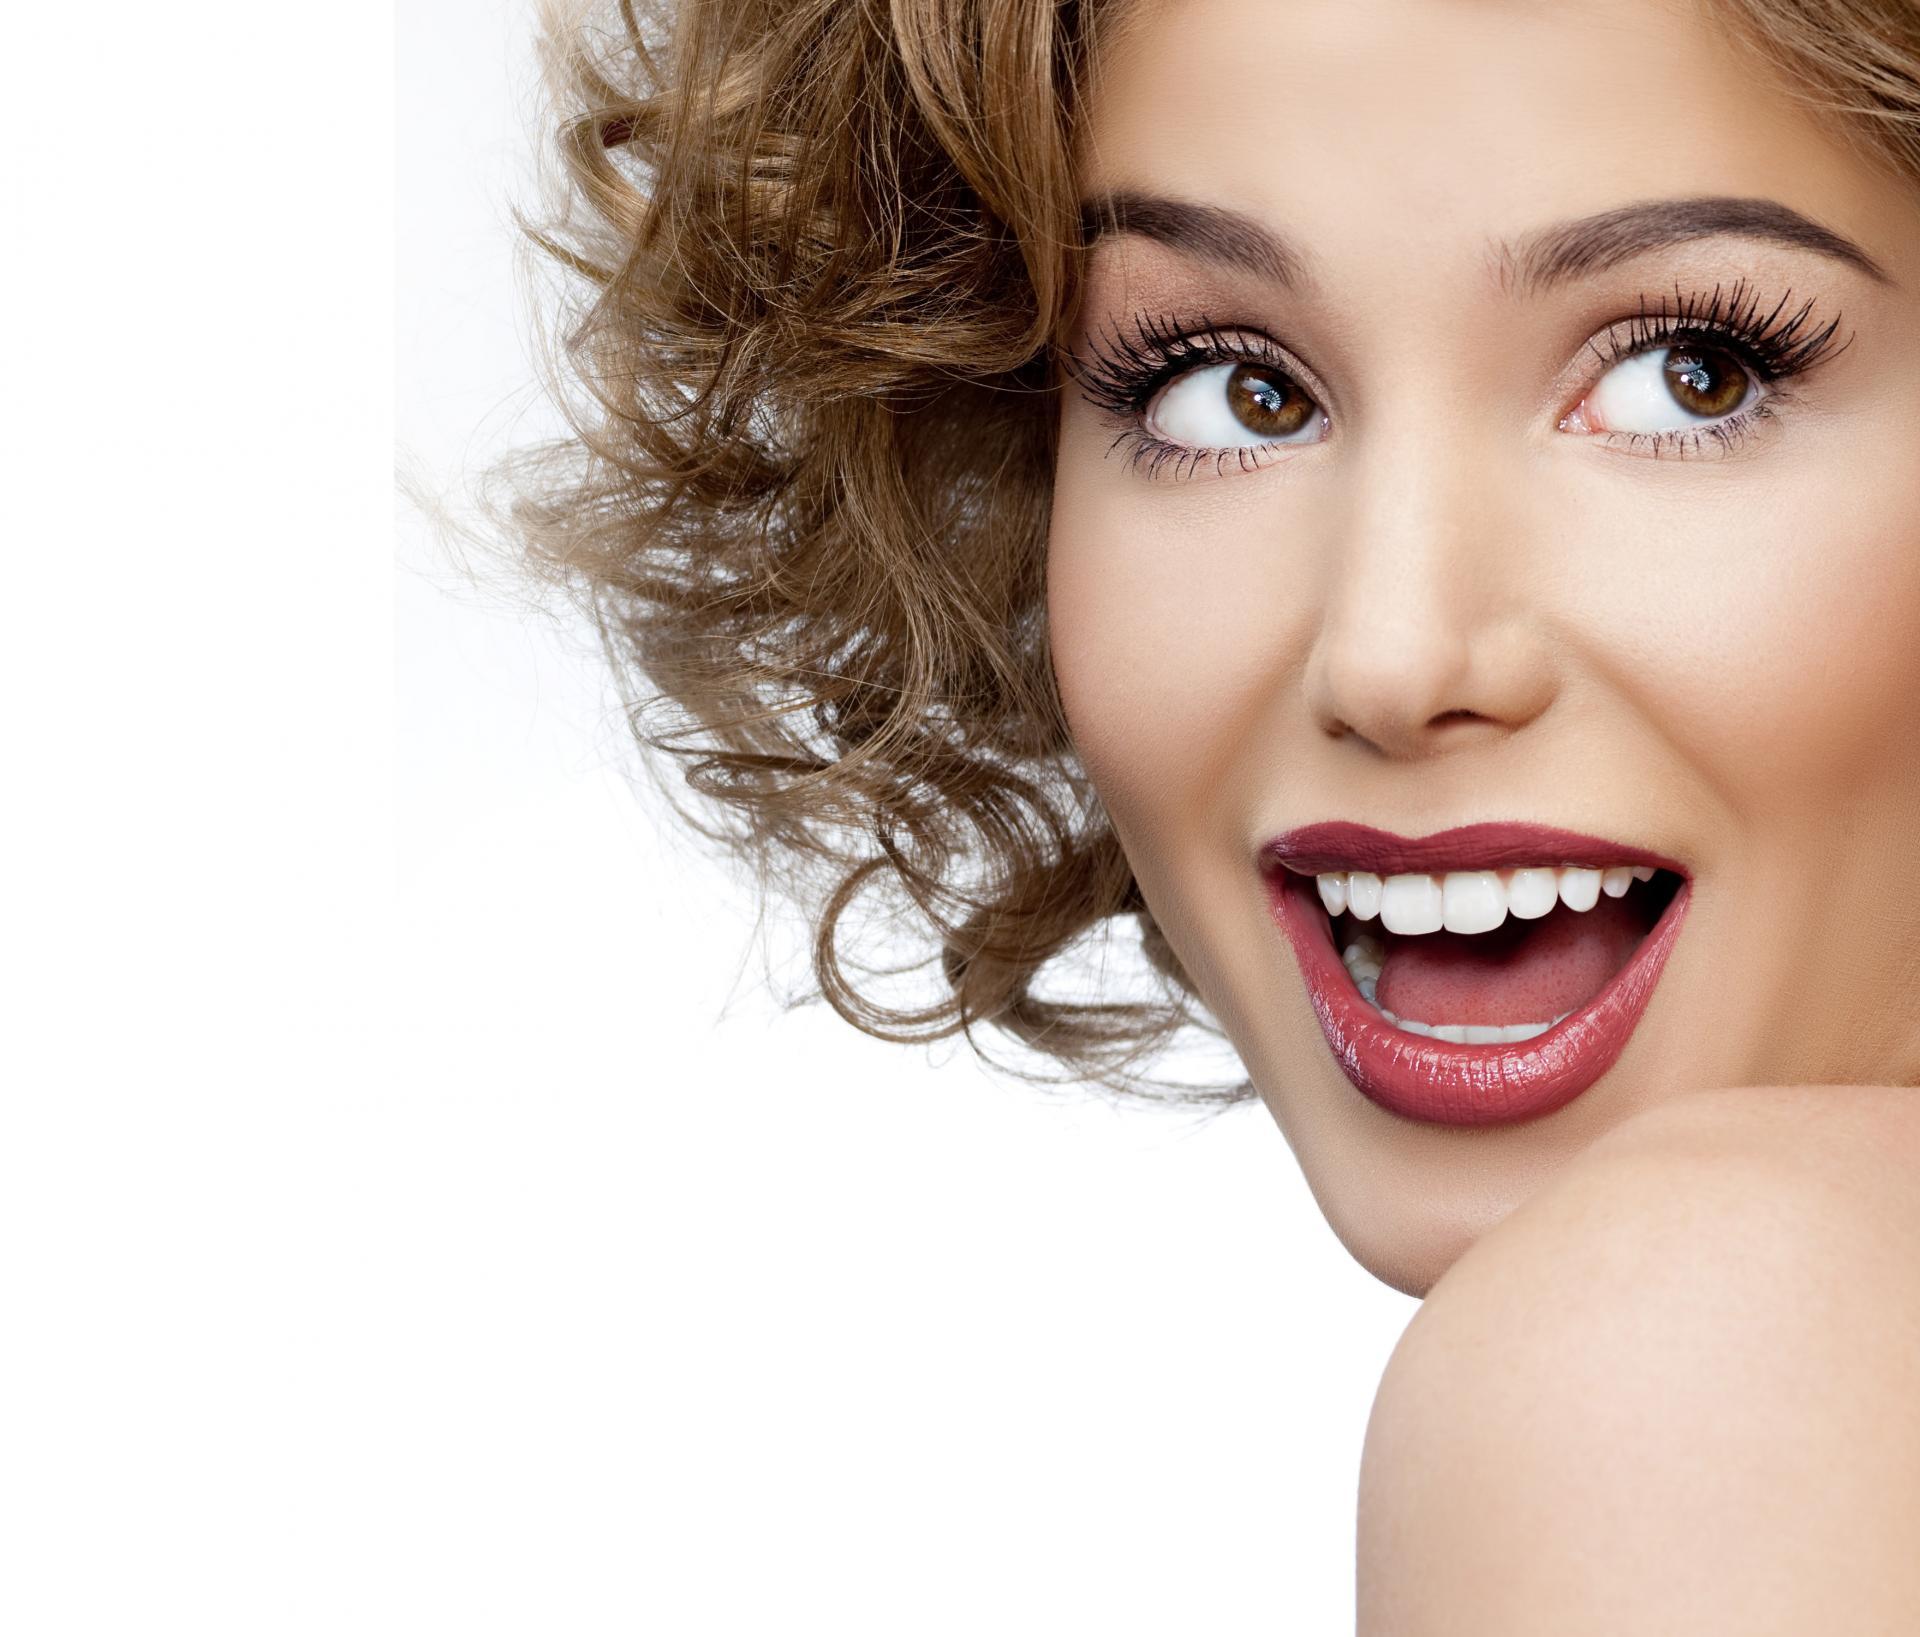 Beyazlatma İle Dişlerimin Rengi Ne Kadar Açılır ? - IDH Ağız ve Diş Sağlığı Merkezi